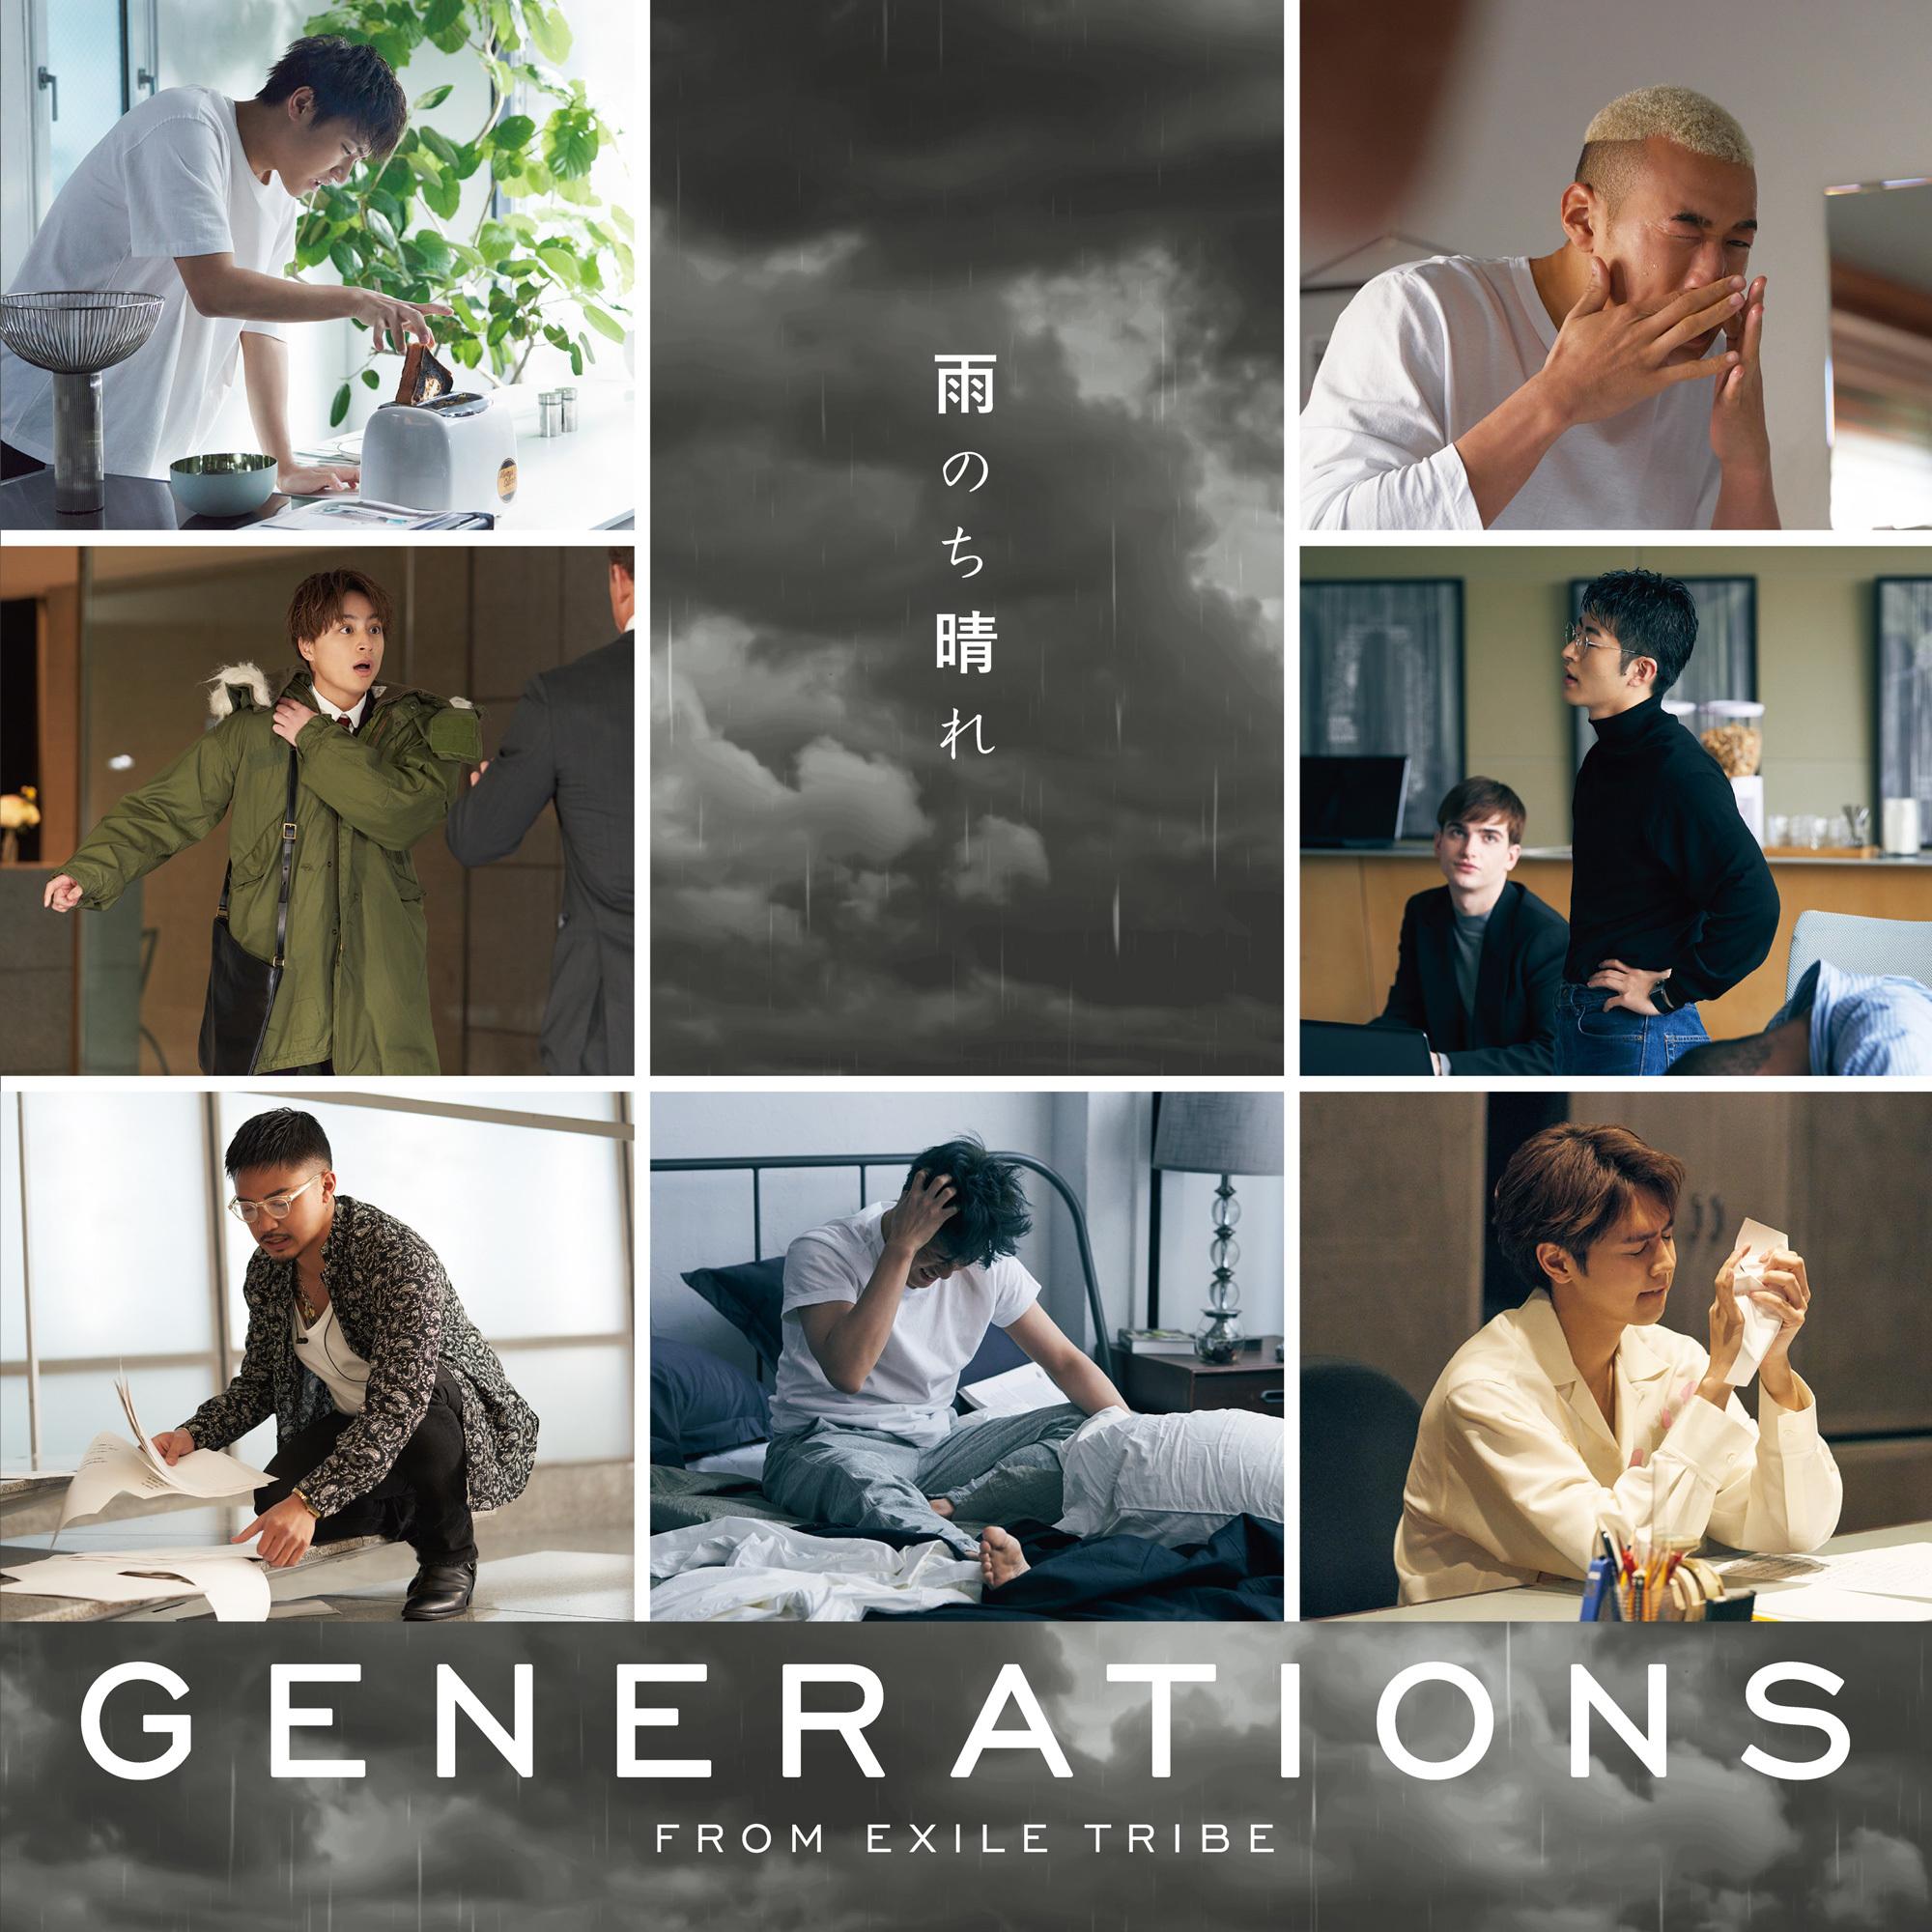 「雨のち晴れ」CD ONLY盤ジャケット